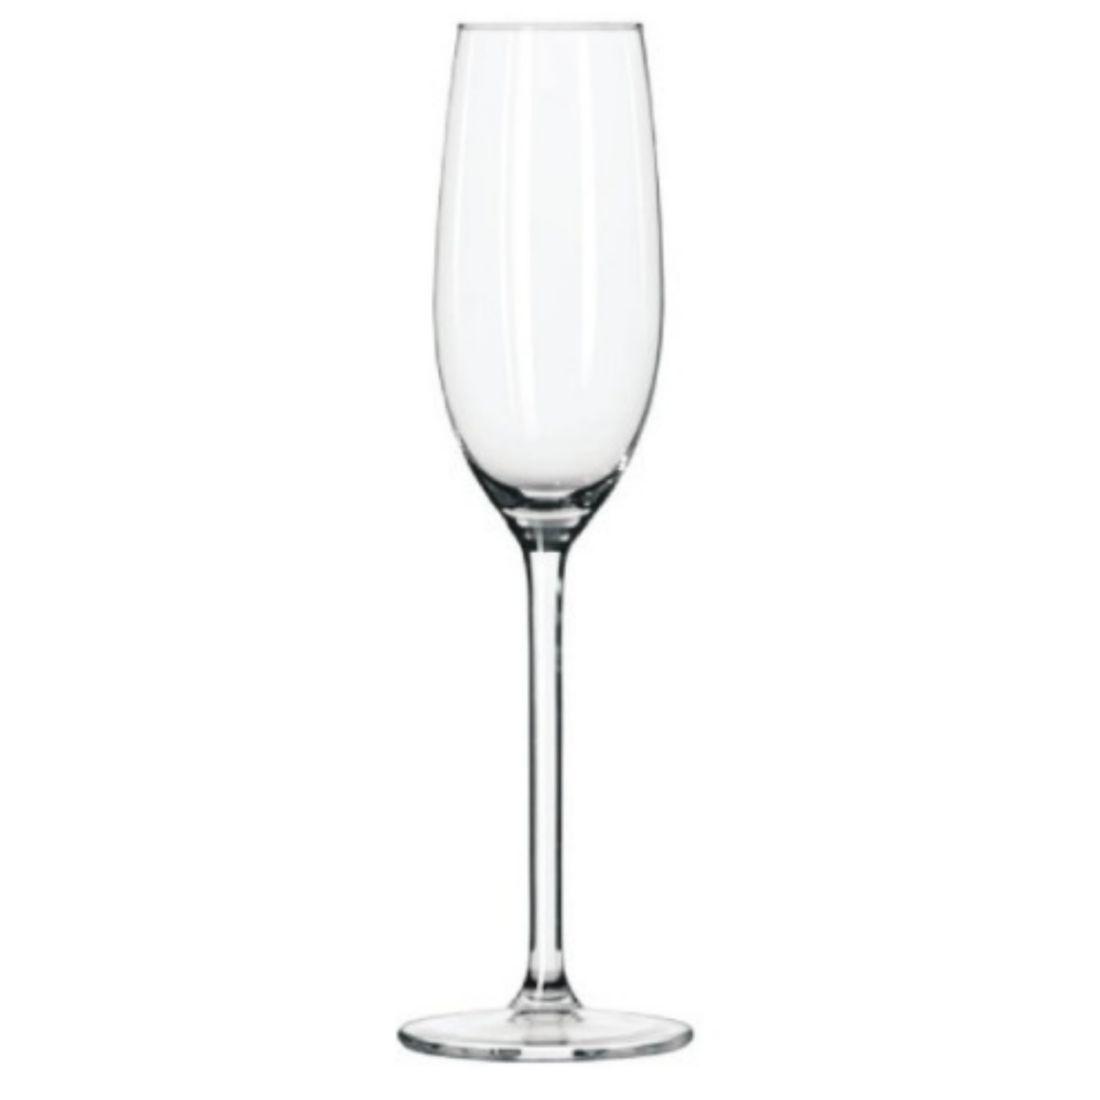 Allure sklenička na šampaňské 21 cl